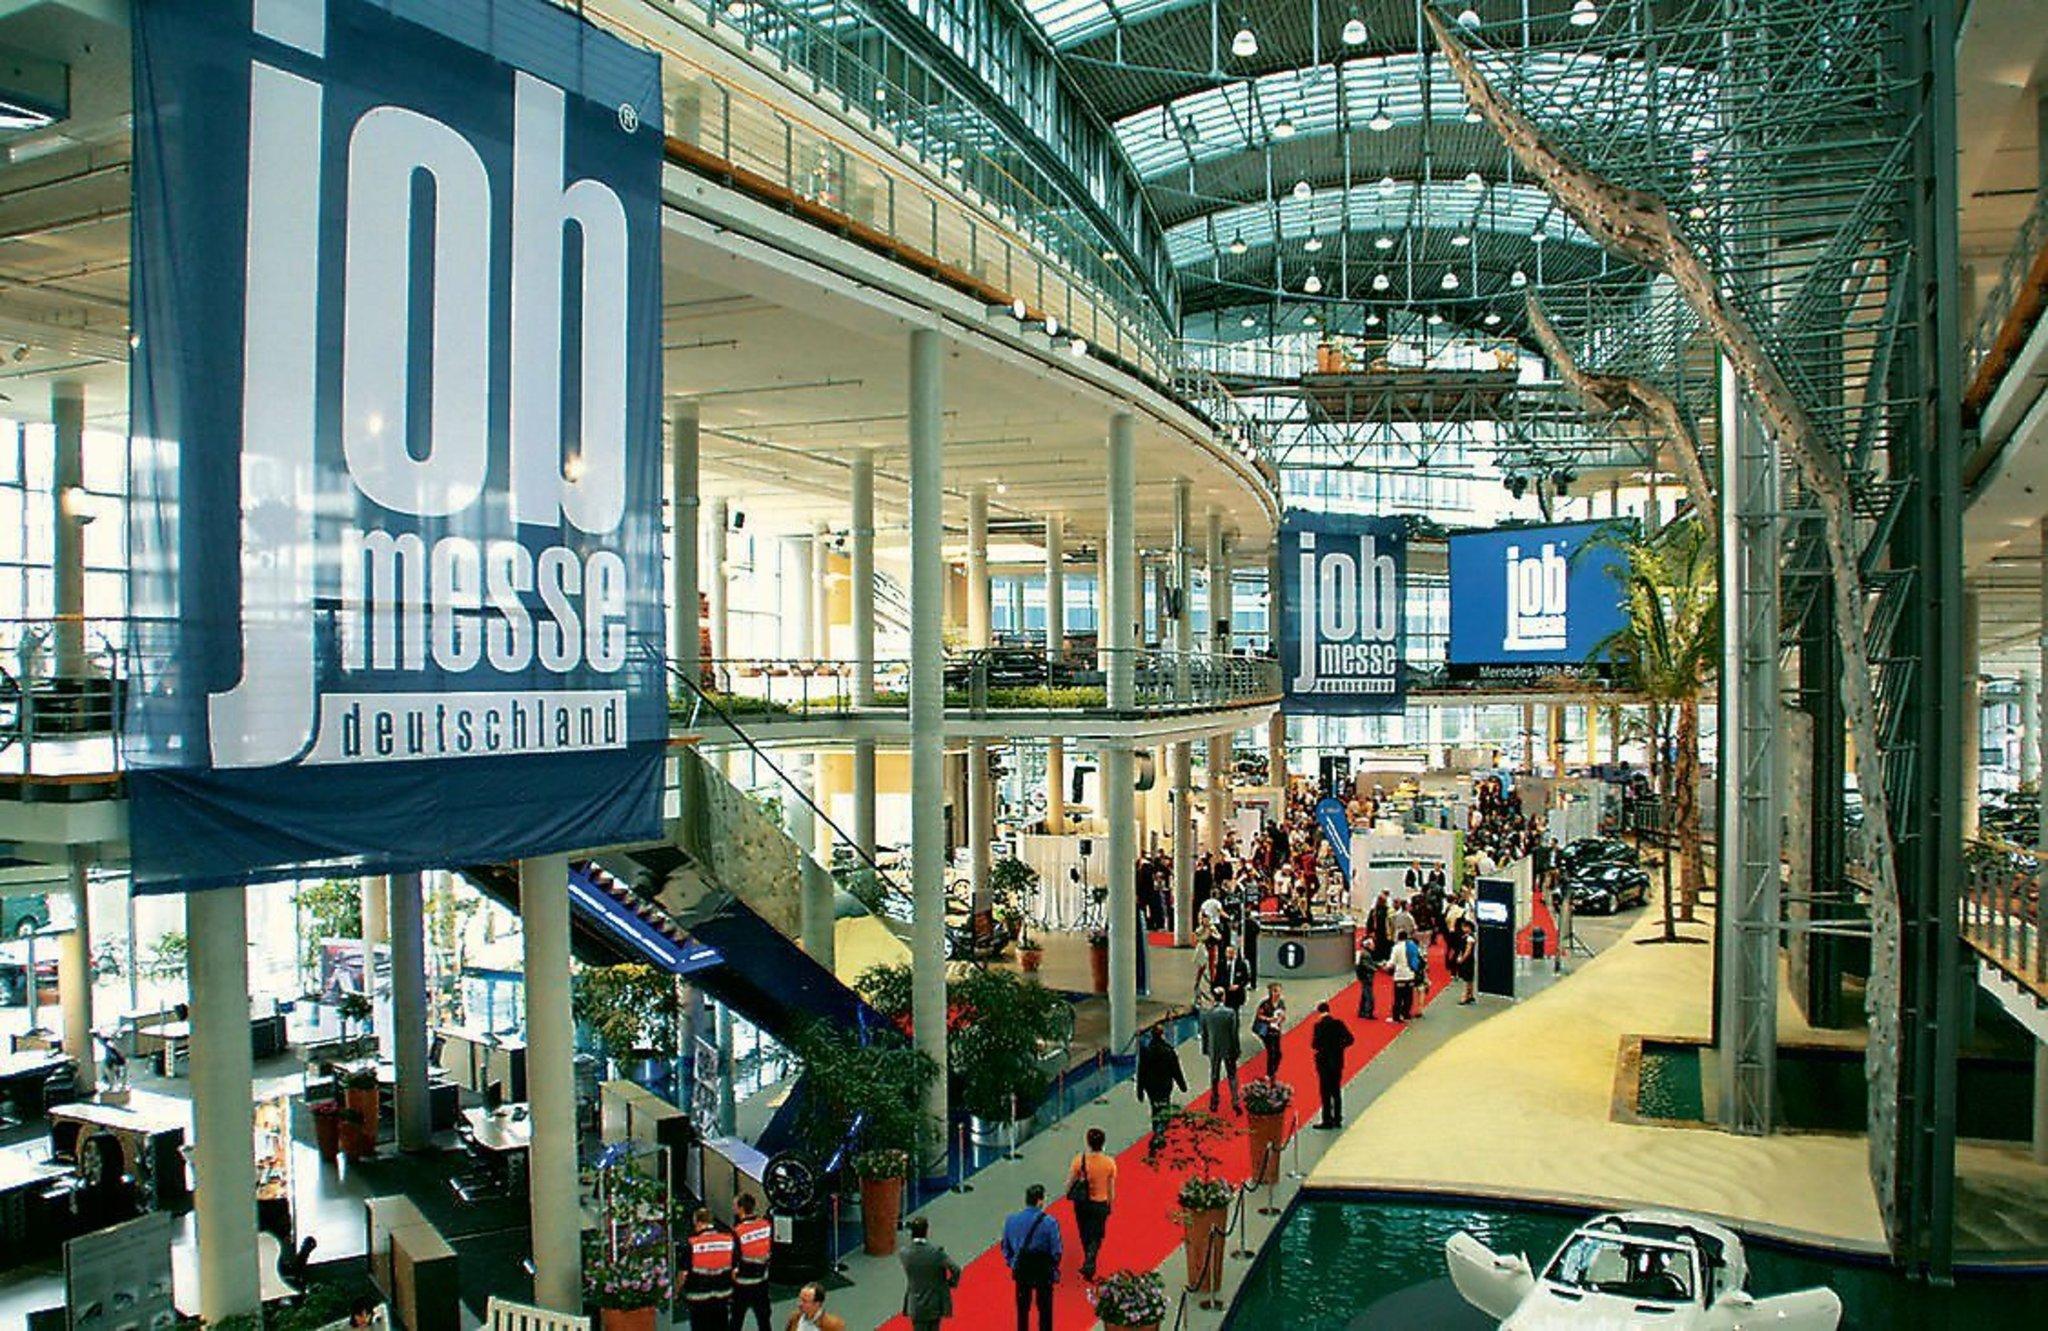 Berlin Jobmesse